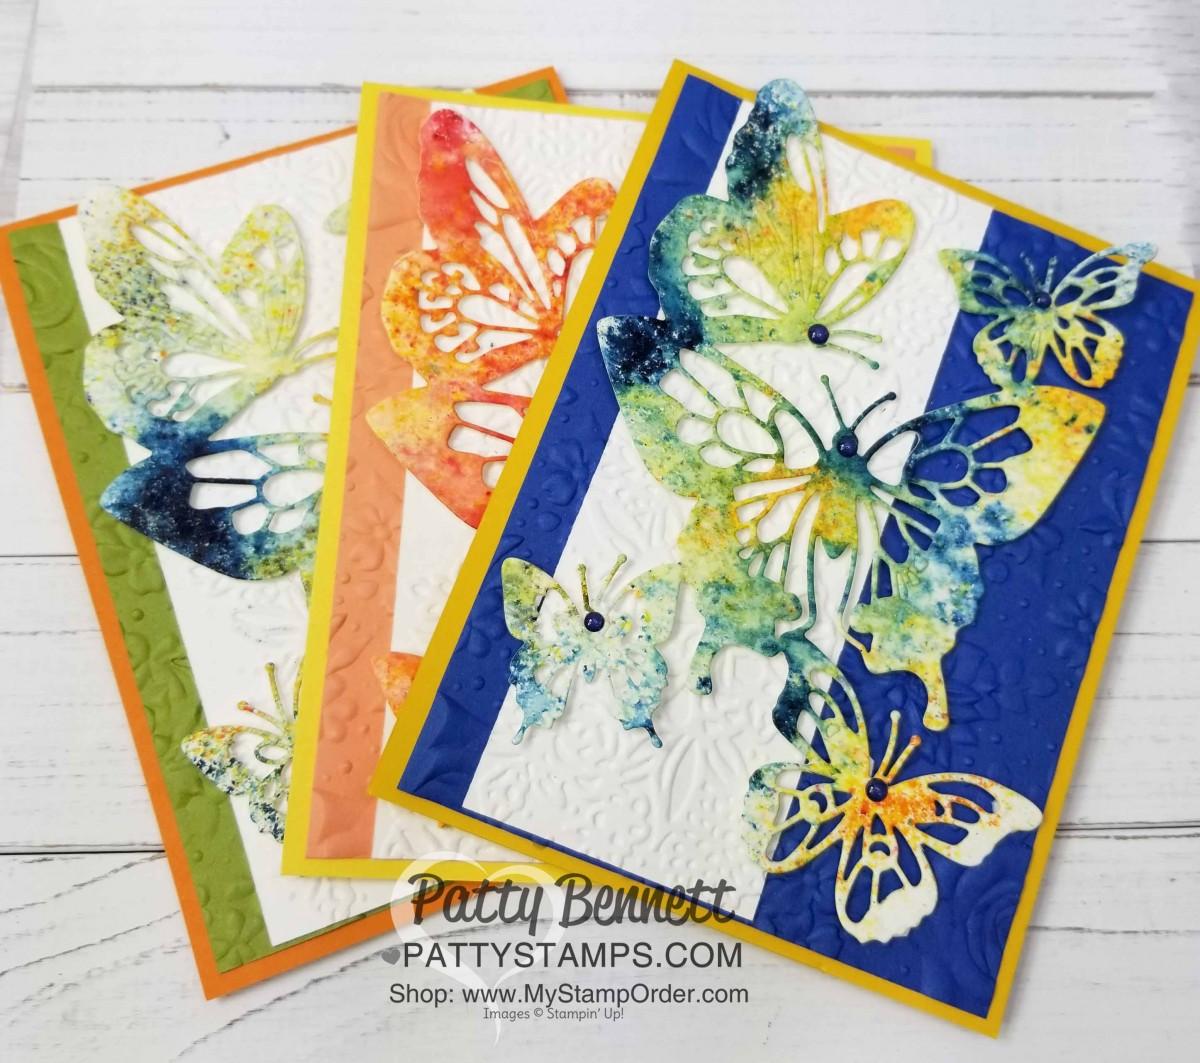 Butterfly Beauty Card Ideas